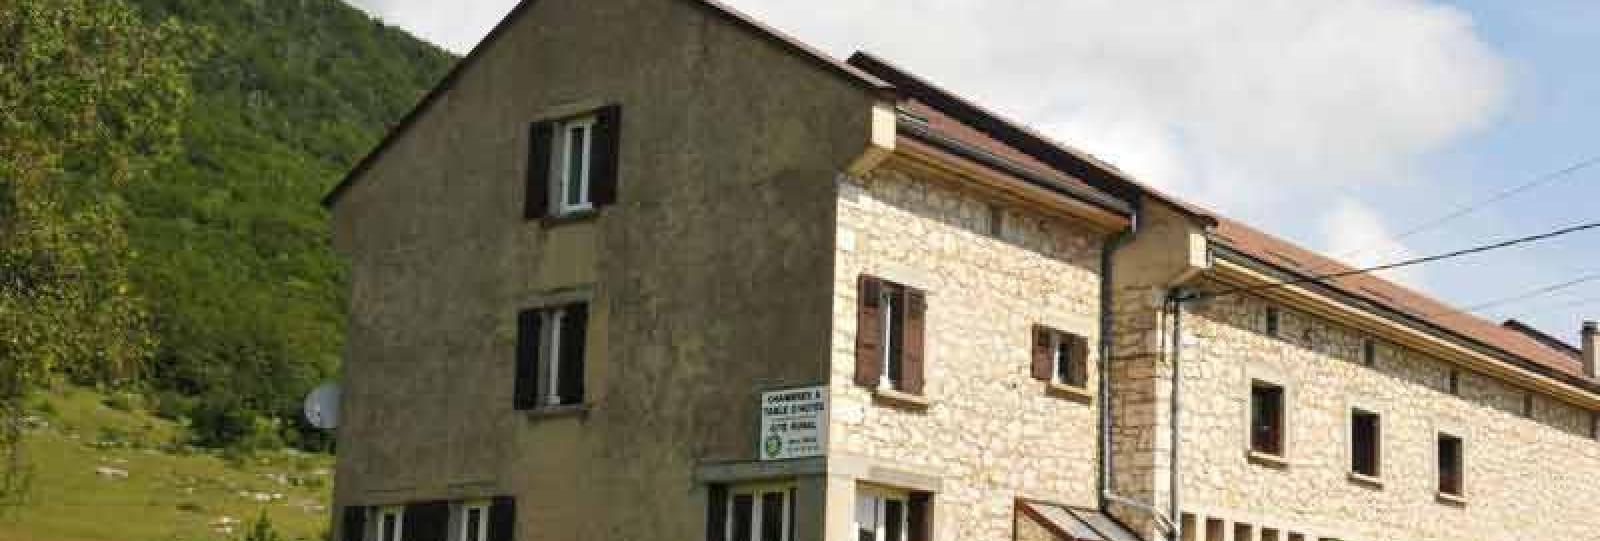 Côté sud du bâtiment ,côté propriétaire